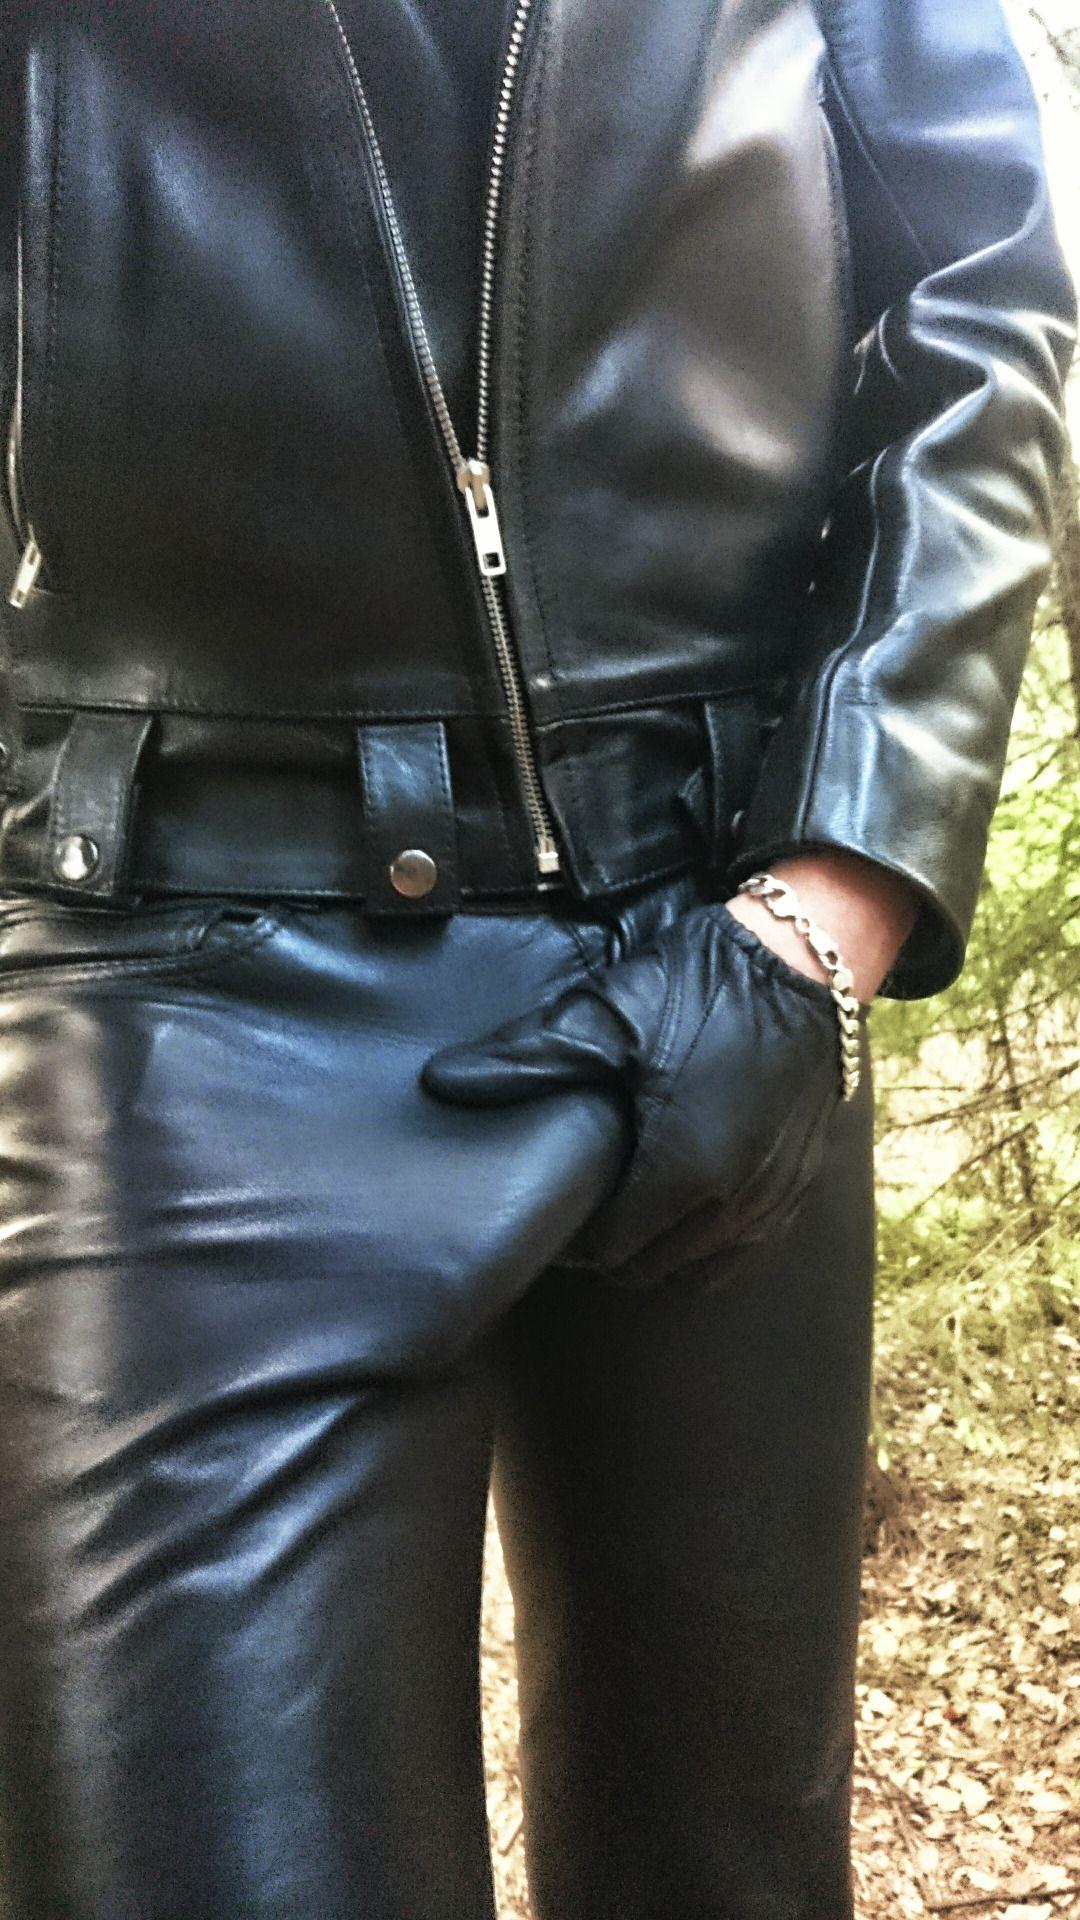 очень пососу у парня в кожаных штанах изловчилась так